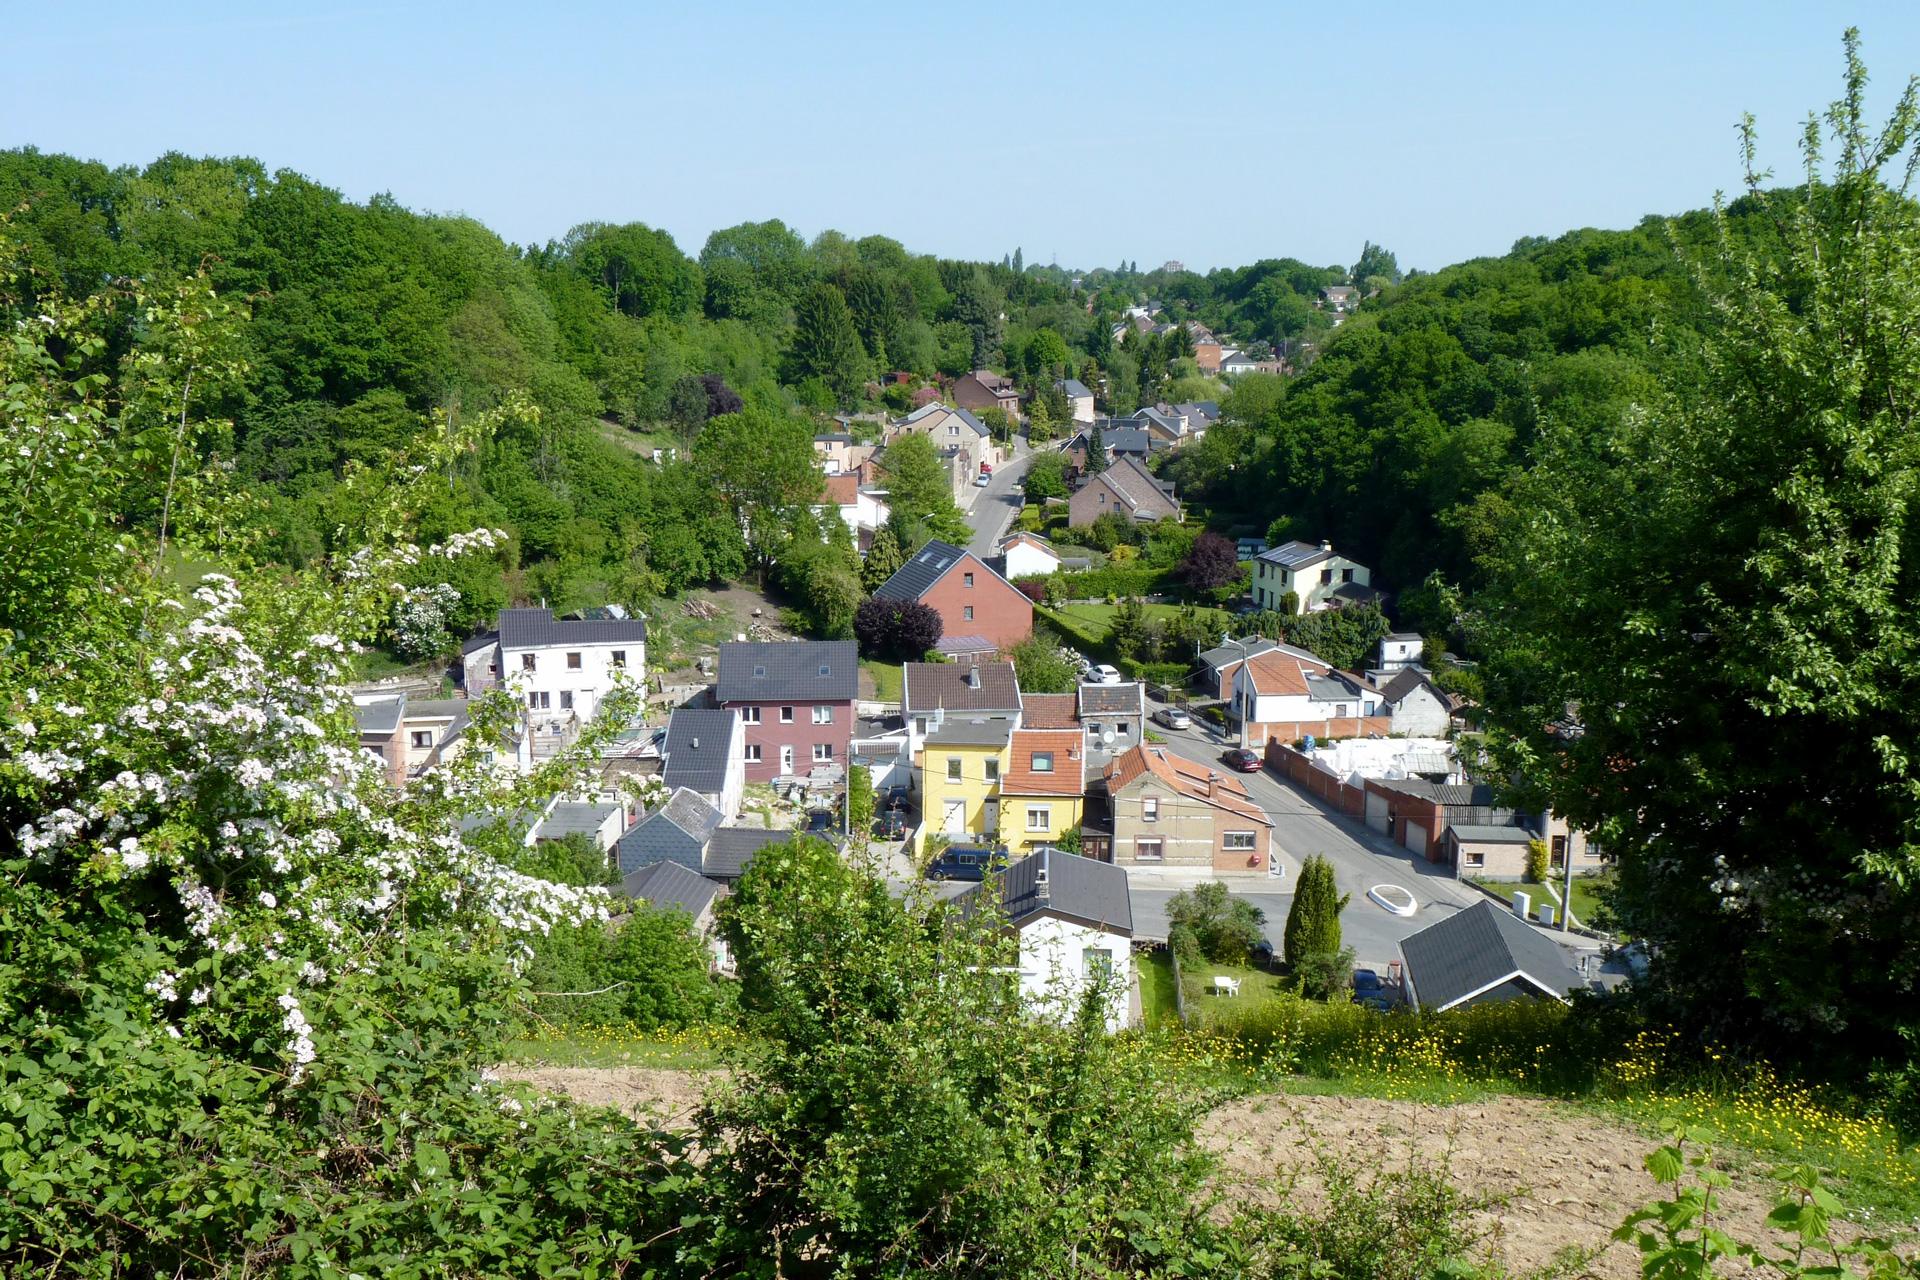 oupeye-au-creux-d-un-vallon-le-village-de-vivegnis-photo-bernard-jacqmin